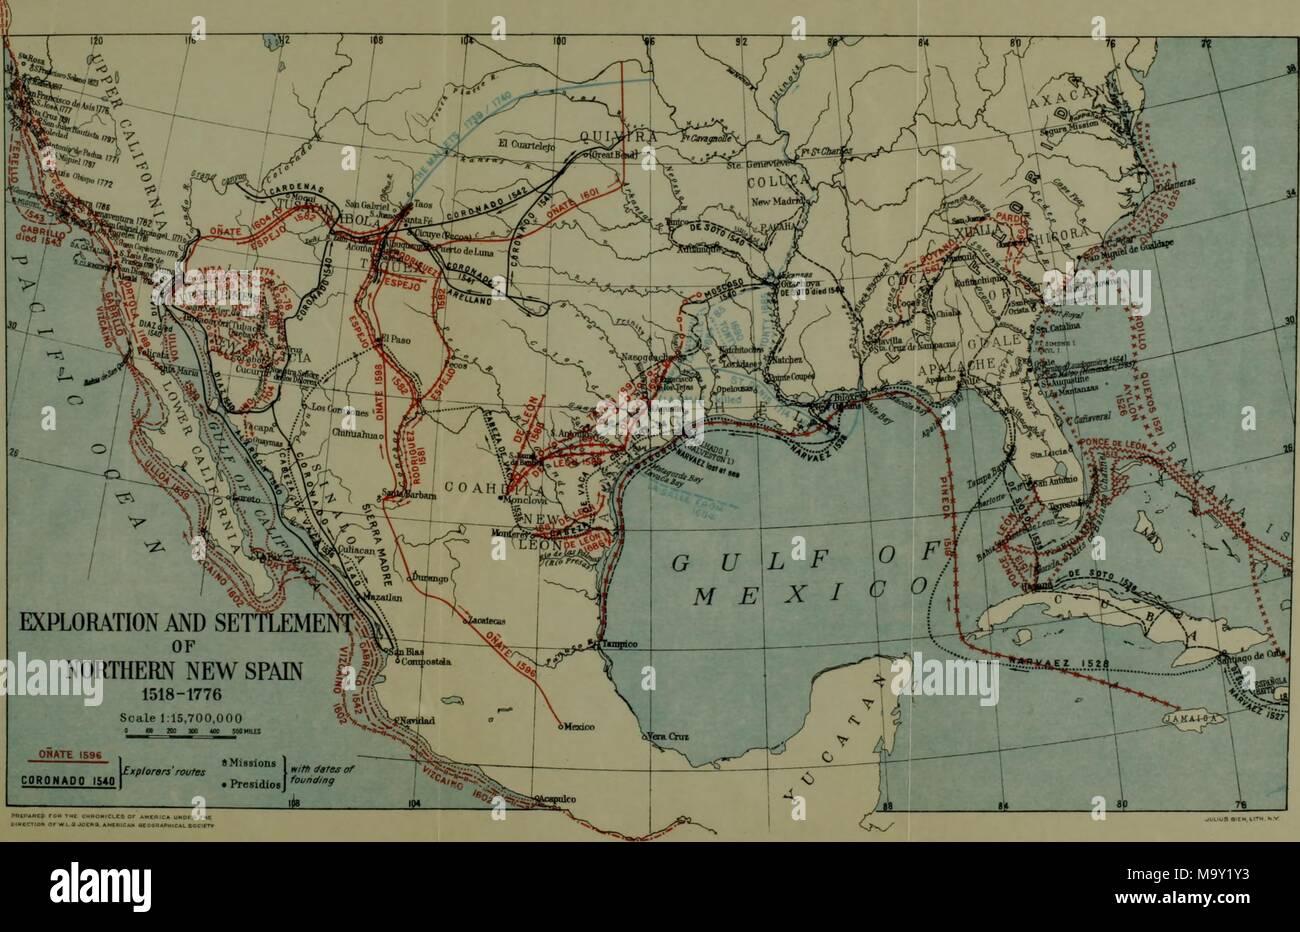 Cartina Fisica Spagna Con Fiumi.Mappa Fisica Spagna Immagini E Fotos Stock Alamy